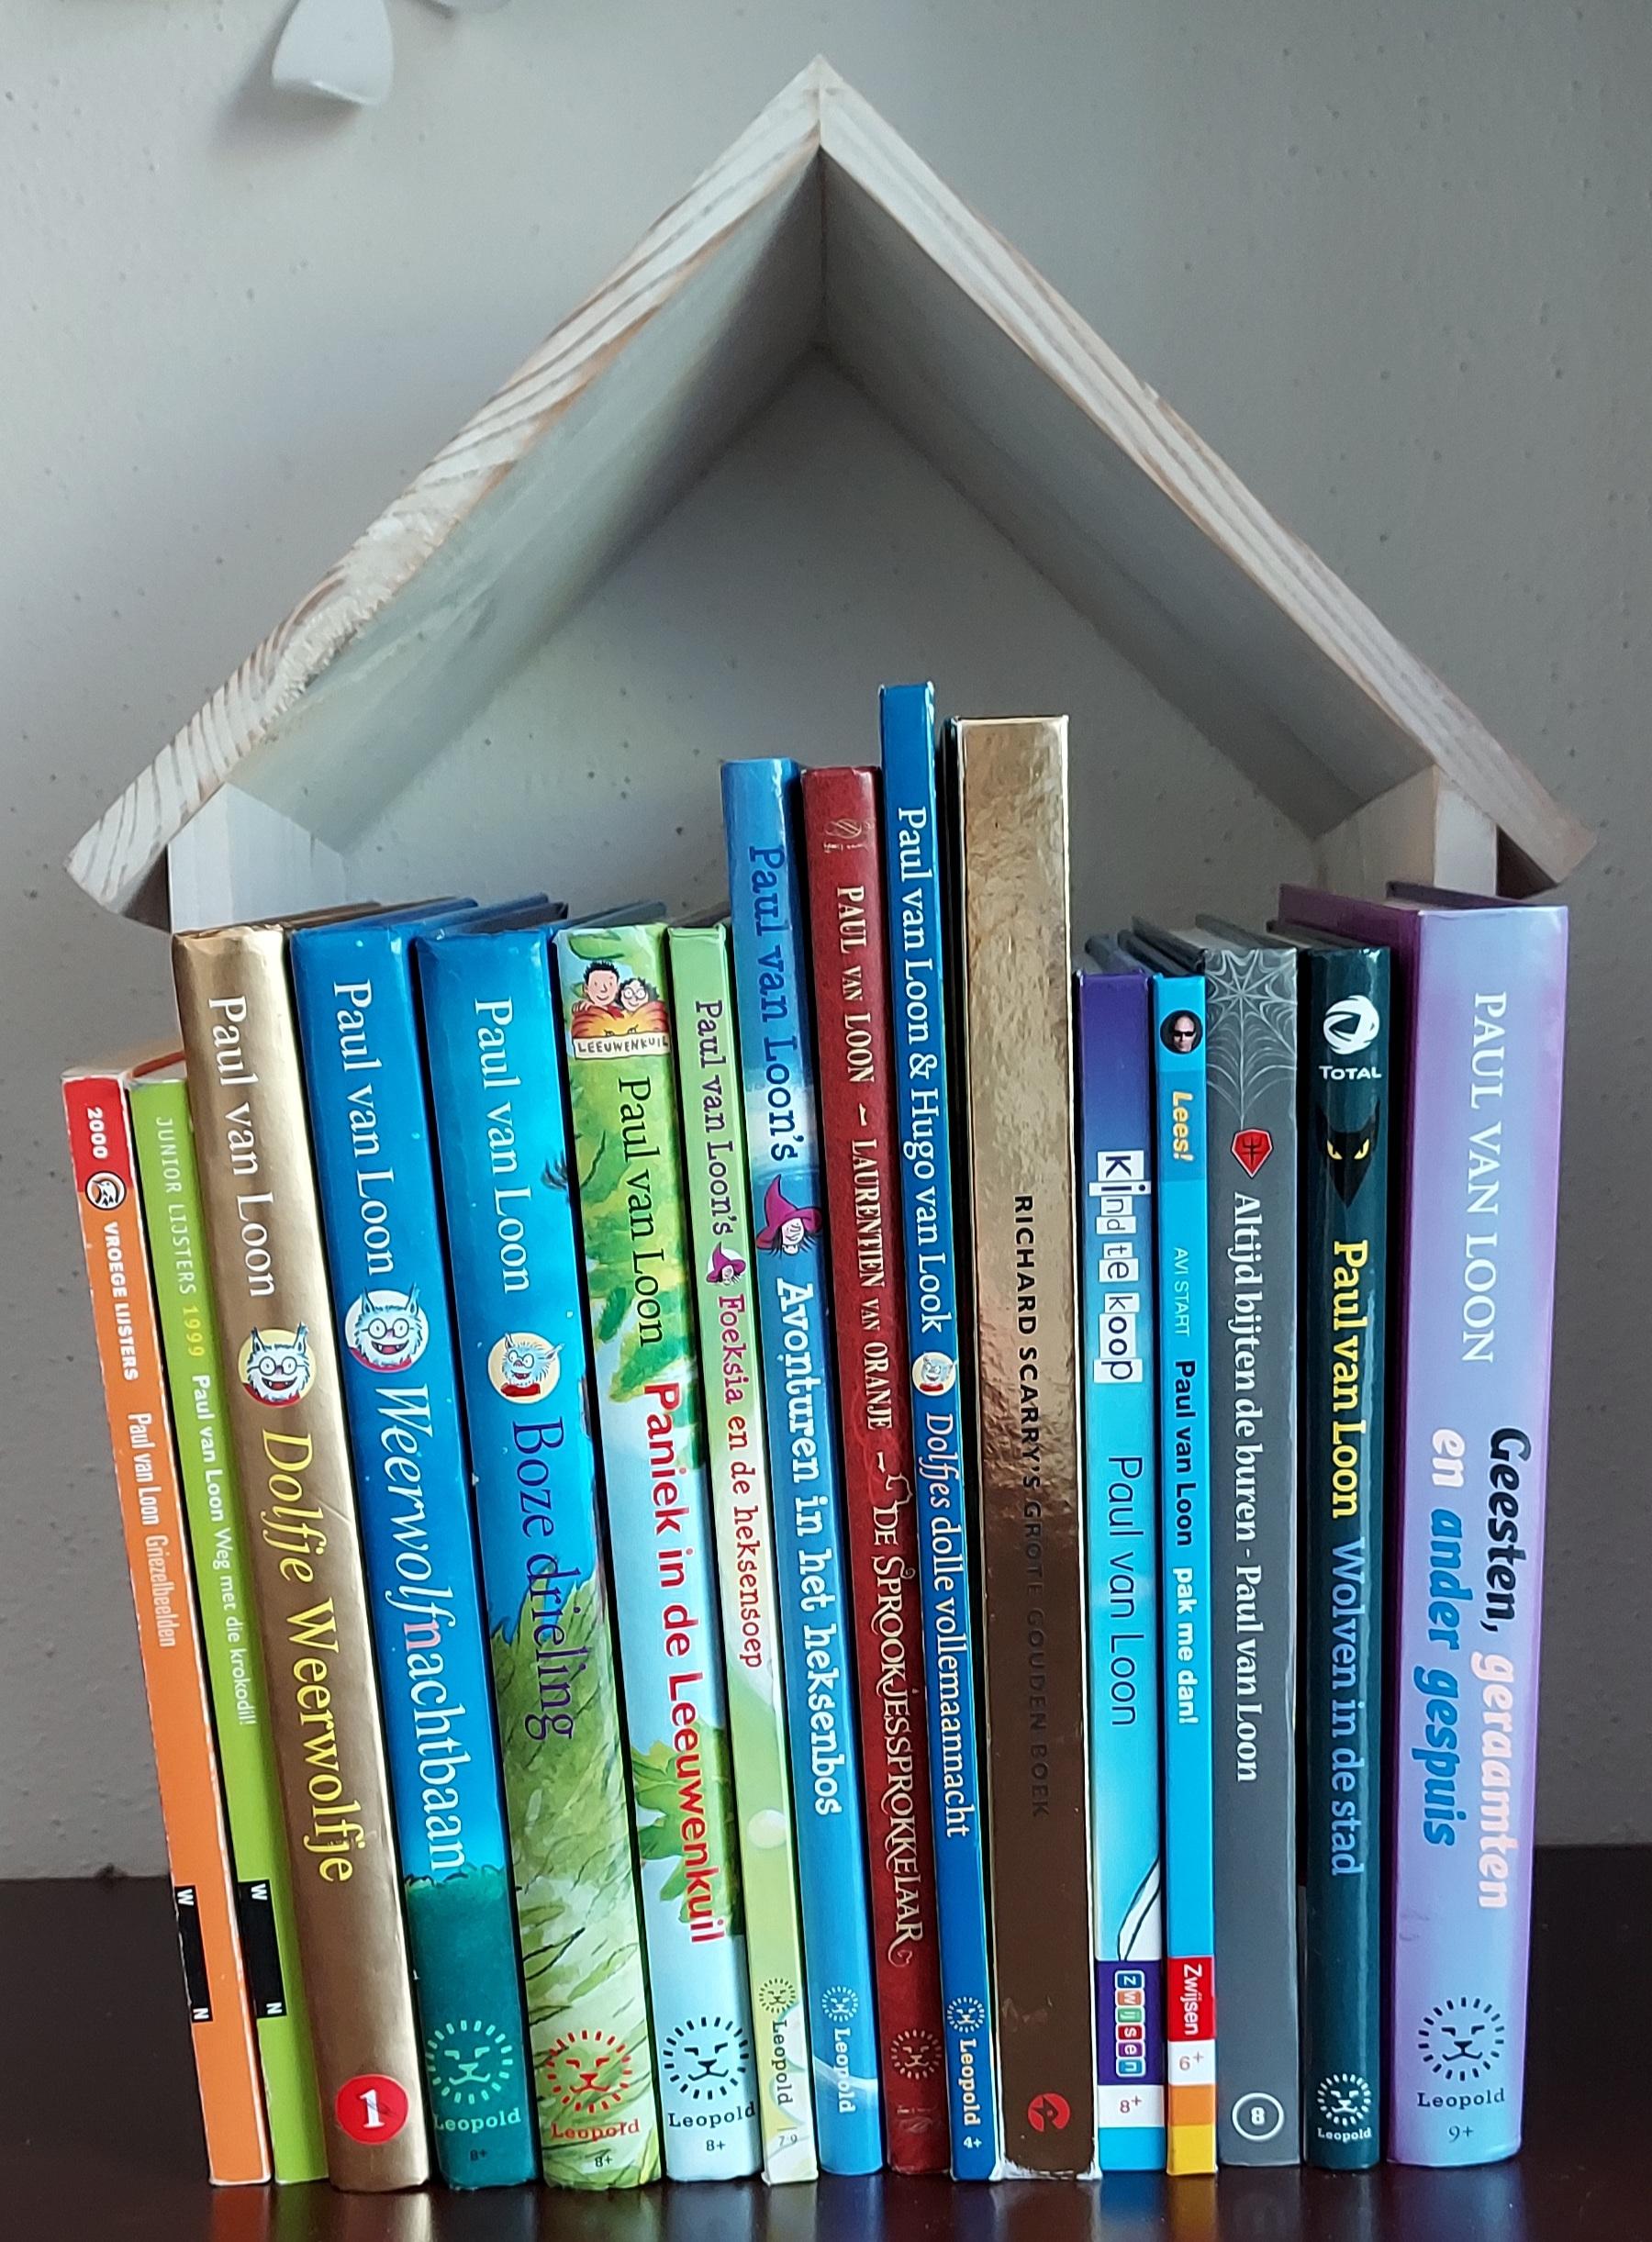 Wat hoort er niet thuis in het boekenhuis - Winactie